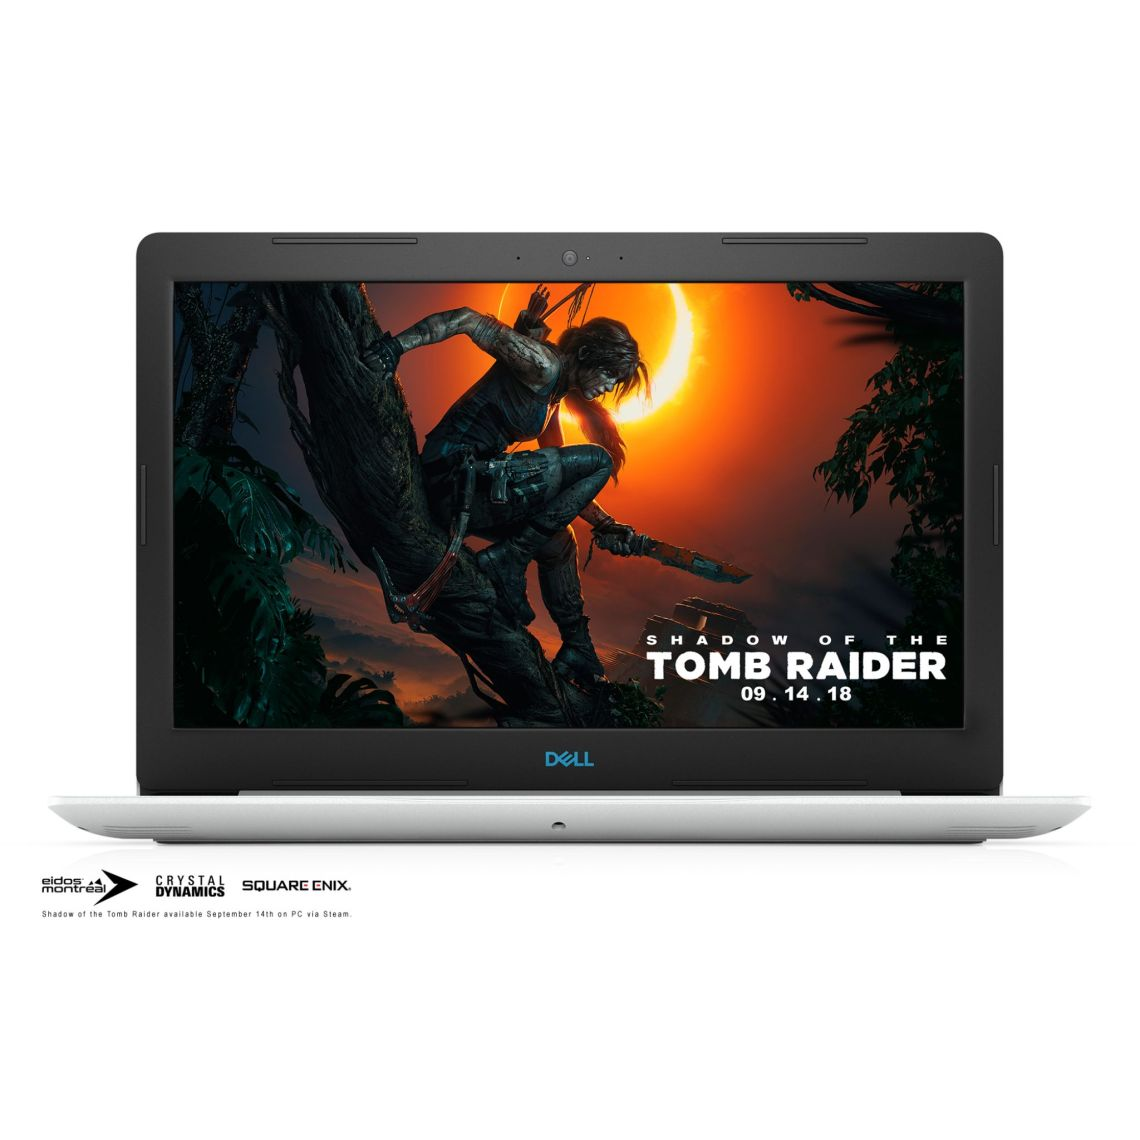 """Dell G3 Gaming Laptop 15.6""""Full HD, Intel Core i7-8750H, 8GB RAM, NVIDIA GeForce GTX 1050Ti 4GB, 1TB + 128GB SSD, G3579-7054WHT - Walmart.com"""